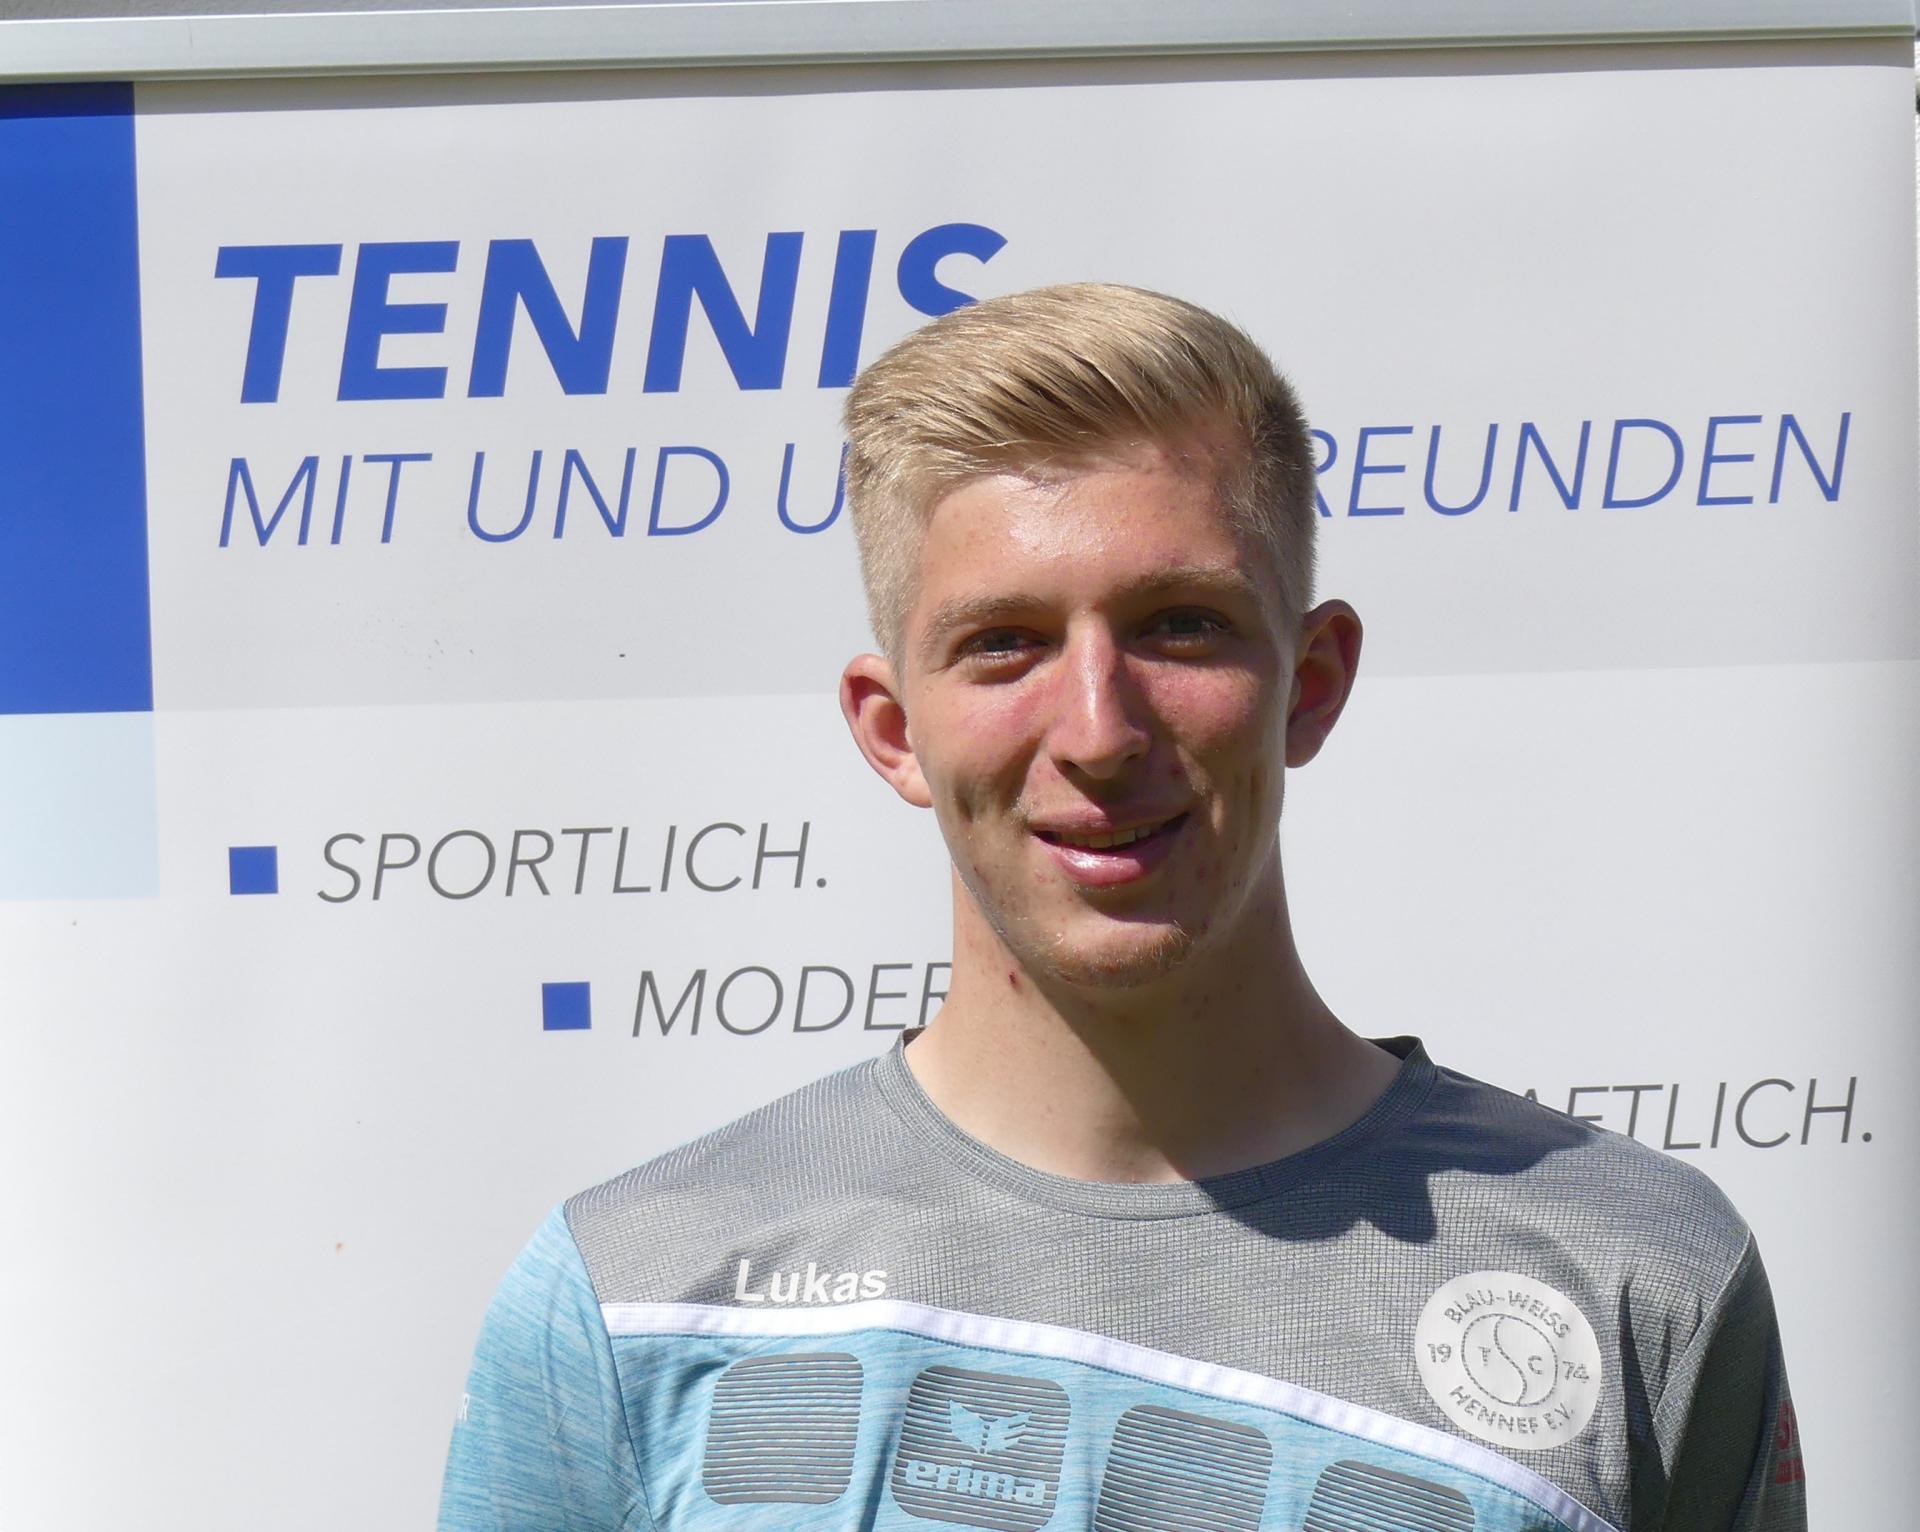 Lukas Bertzen